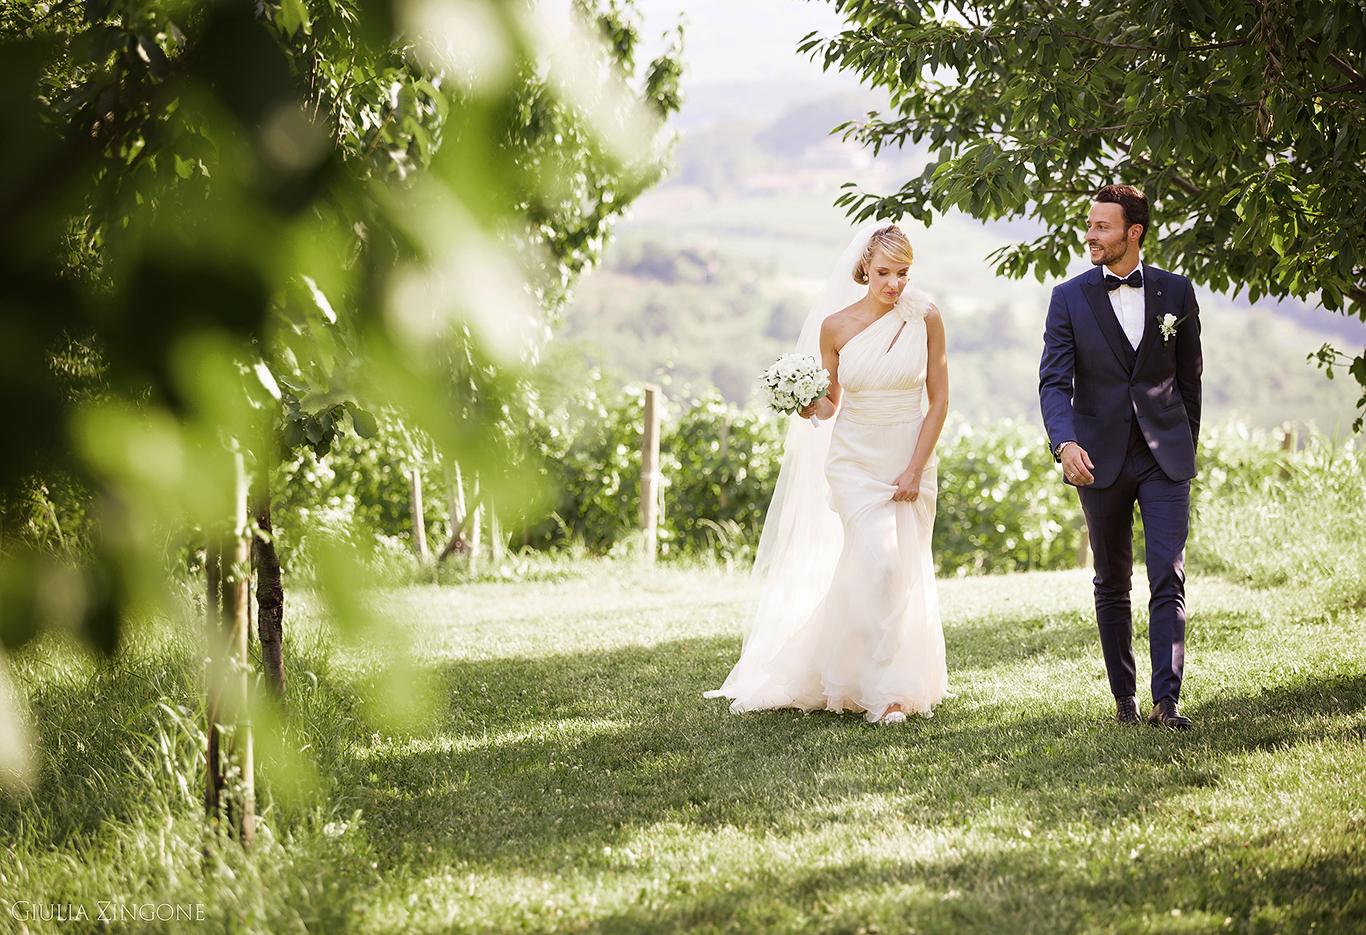 0021 benvenuti nella gallery del fotografo di matrimonio tra le vigne in campagna nelle location per matrimoni piu belle del Friuli e Lombardia Giulia Zingone Italian vineyard wedding photographer